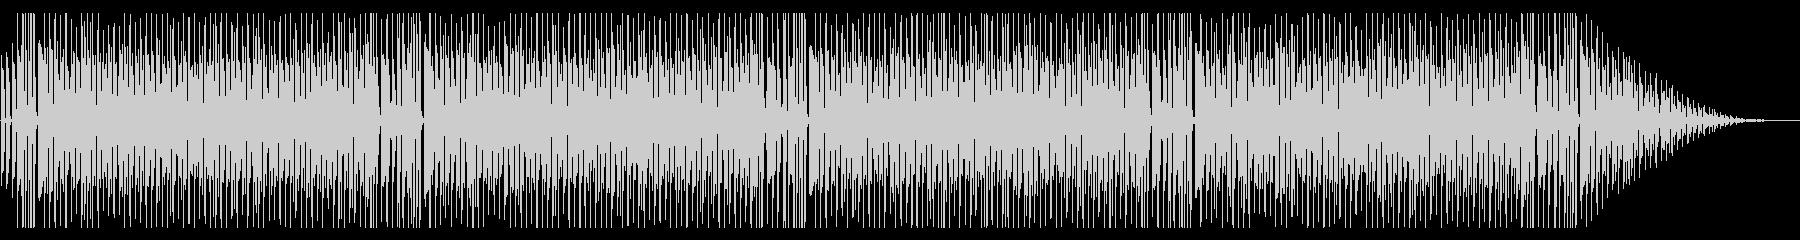 かわいい 軽快 コミカル ほのぼのの未再生の波形